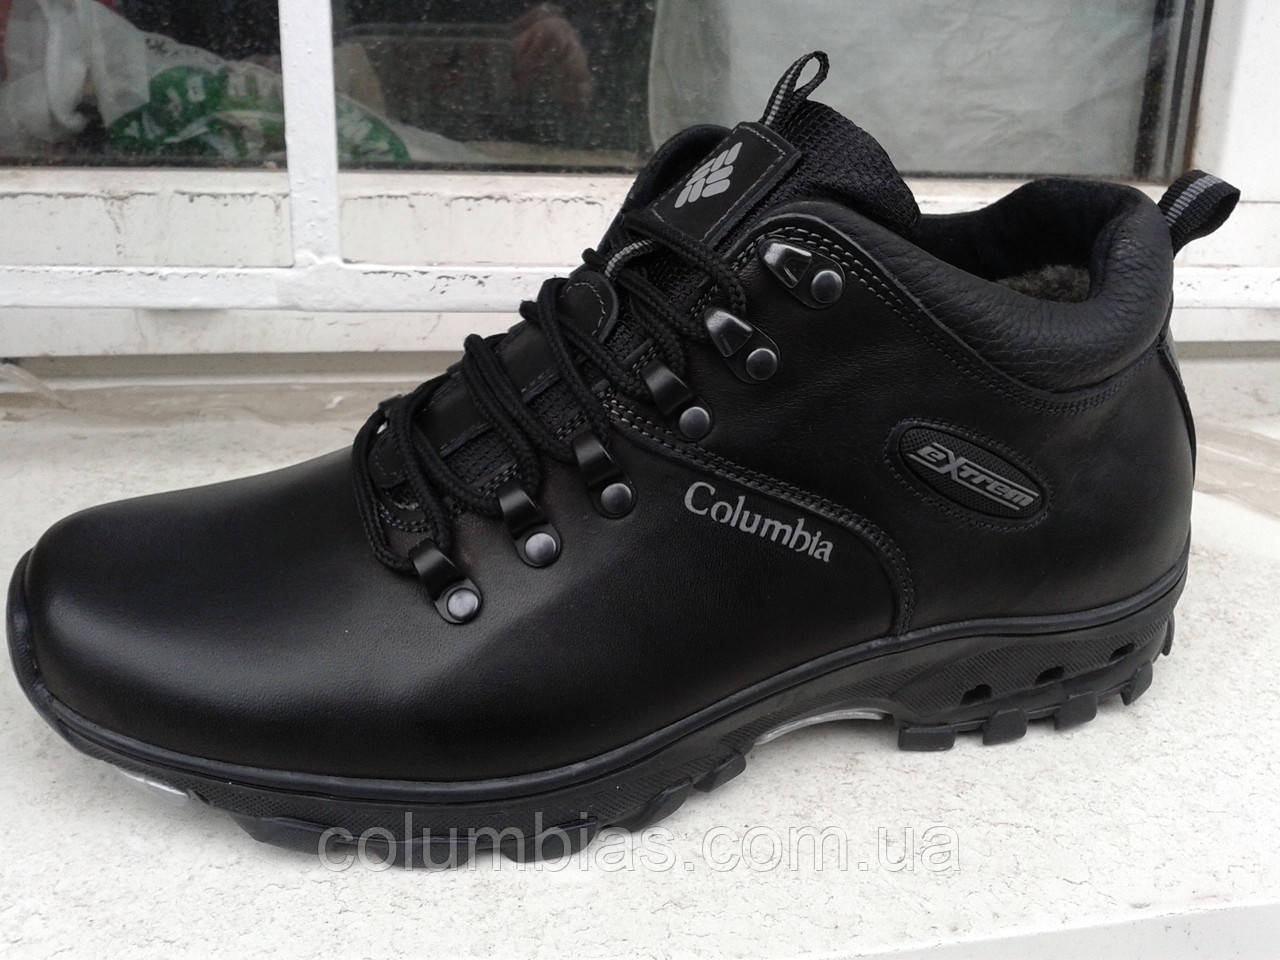 740a0b34 Зимняя обувь Columbia мужская - Весь ассортимент в наличии, звоните в любое  время т.